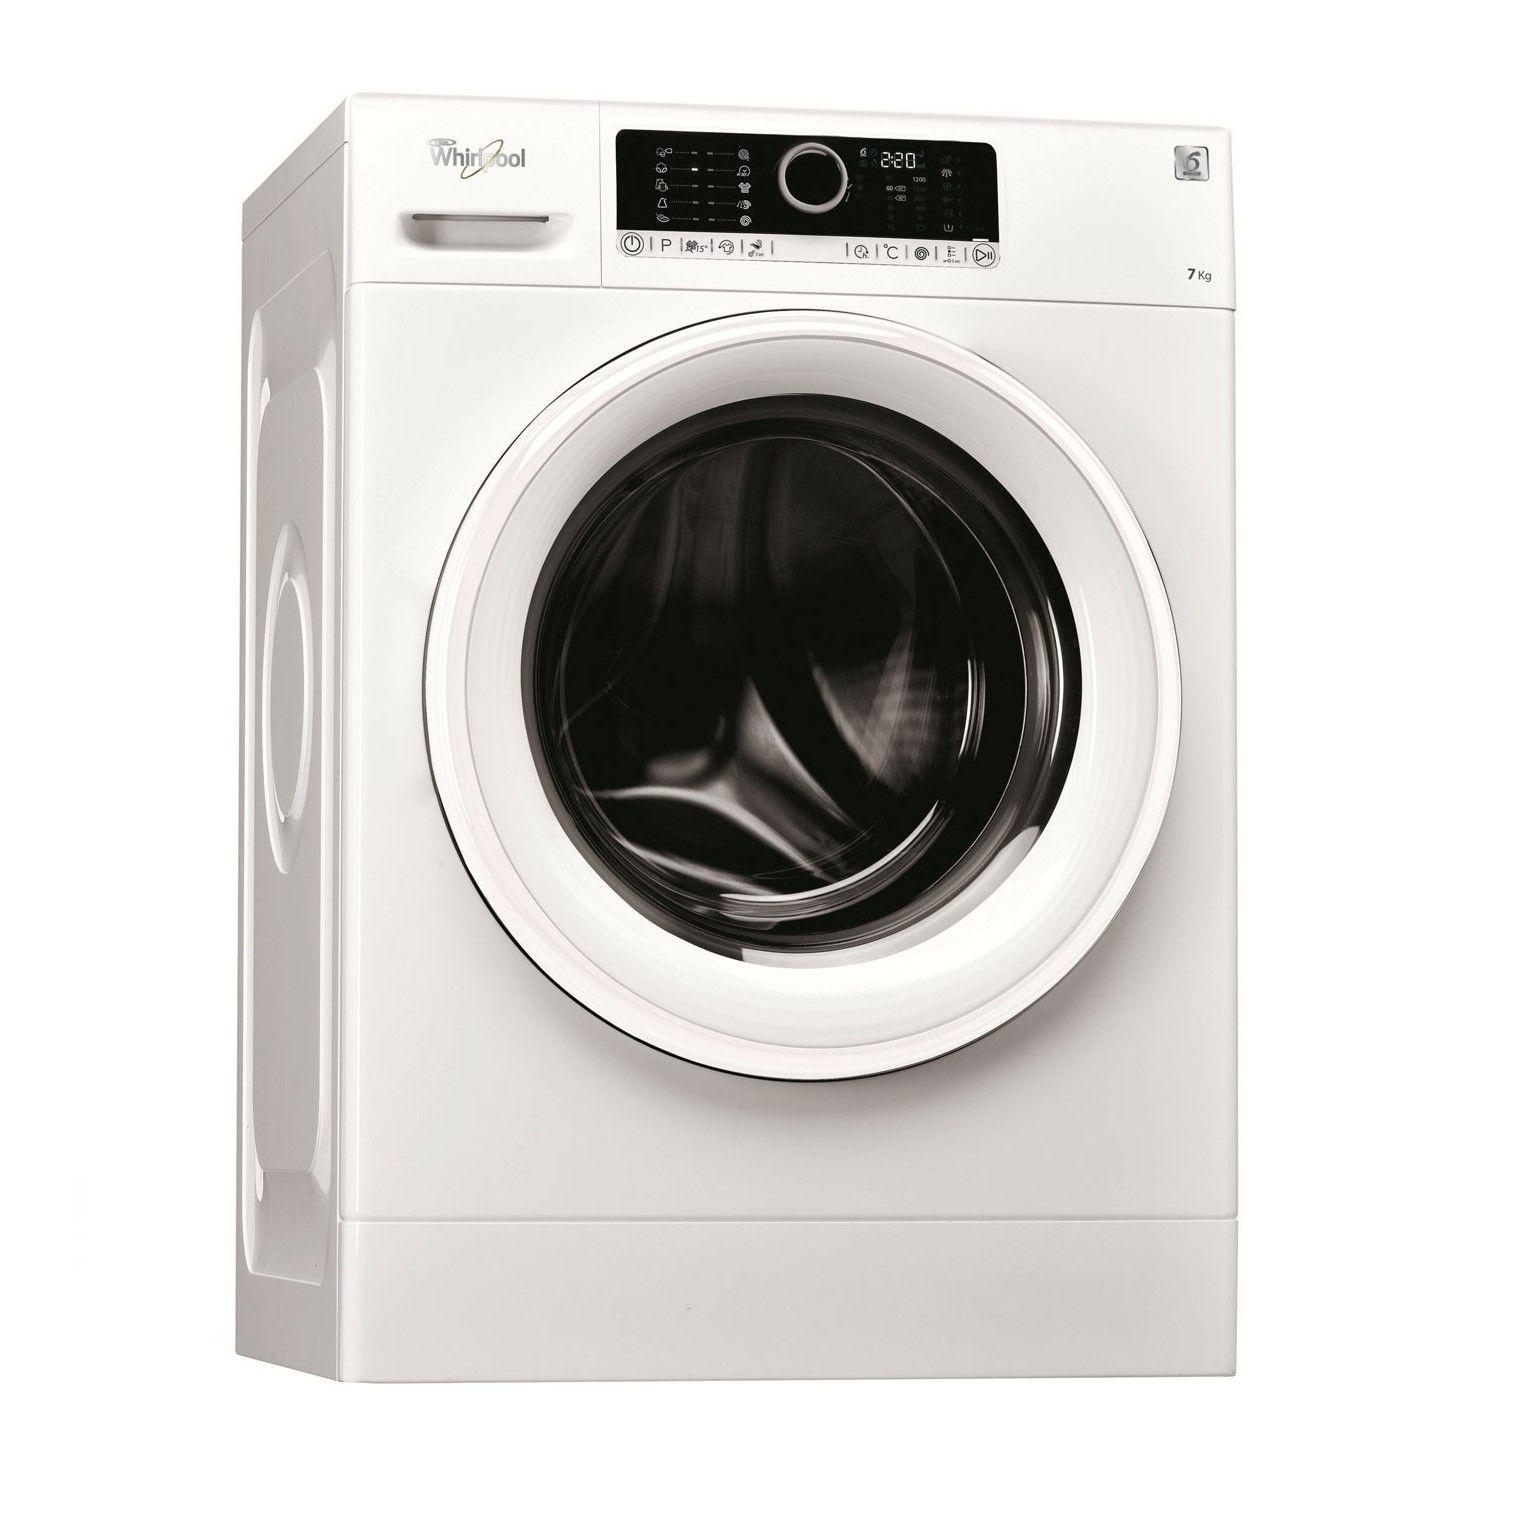 Masina de spalat Whirlpool FSCR 70211, 7 kg, 1200 rpm, clasa energetica A+++